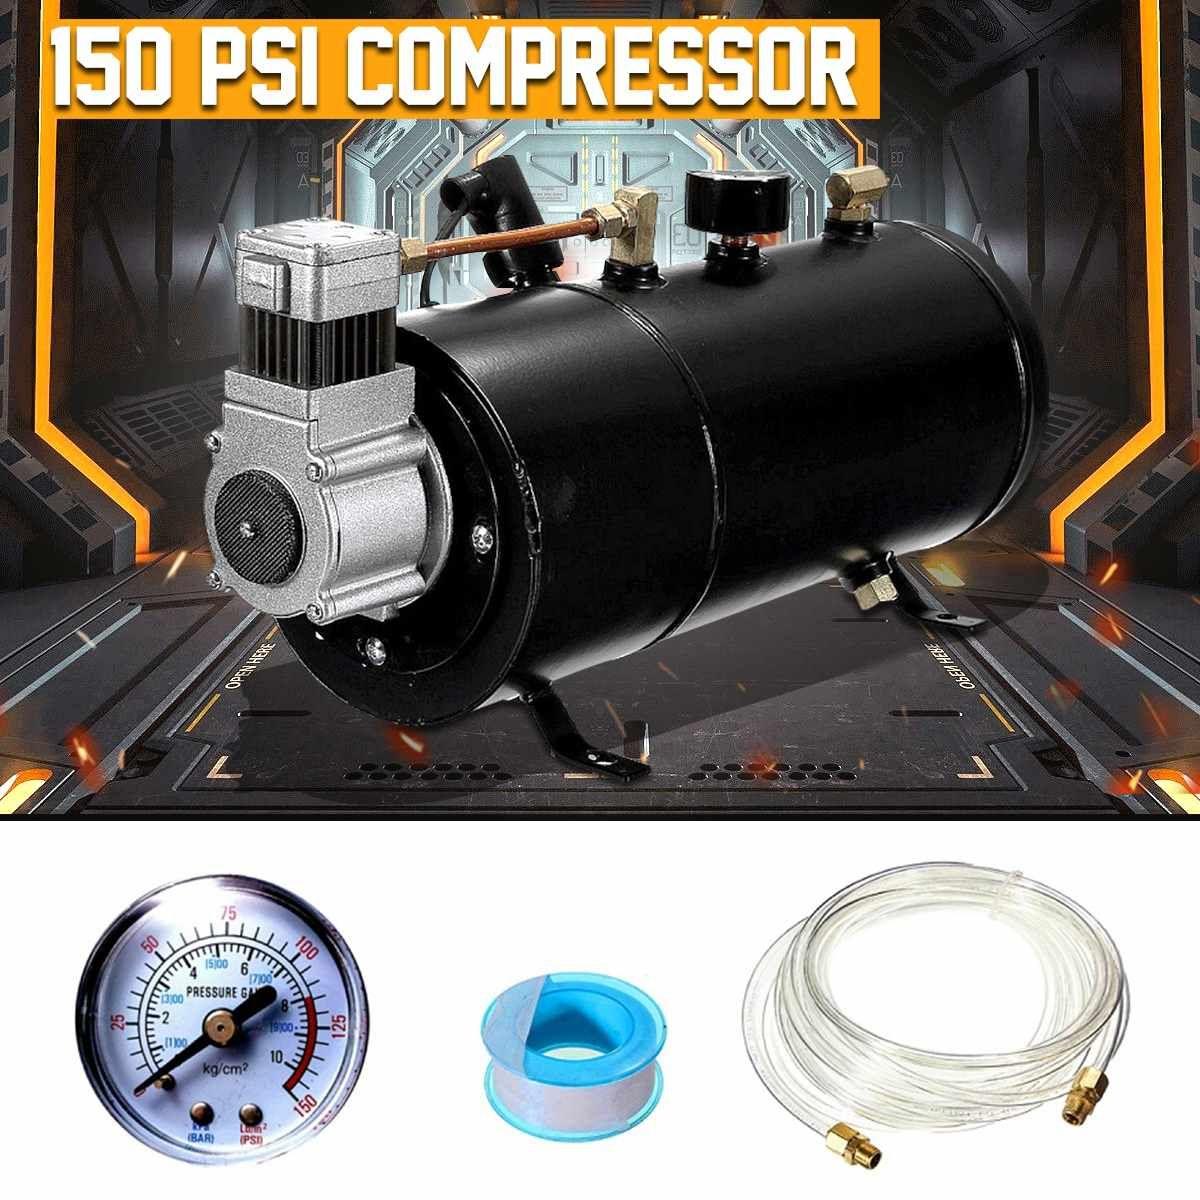 Luft Kompressor 150 PSI 12 V Kompressor Elektrische mit 3 liter Tank Kapazität für Air Horn Zug Lkw Auto Fahrräder reifen H004